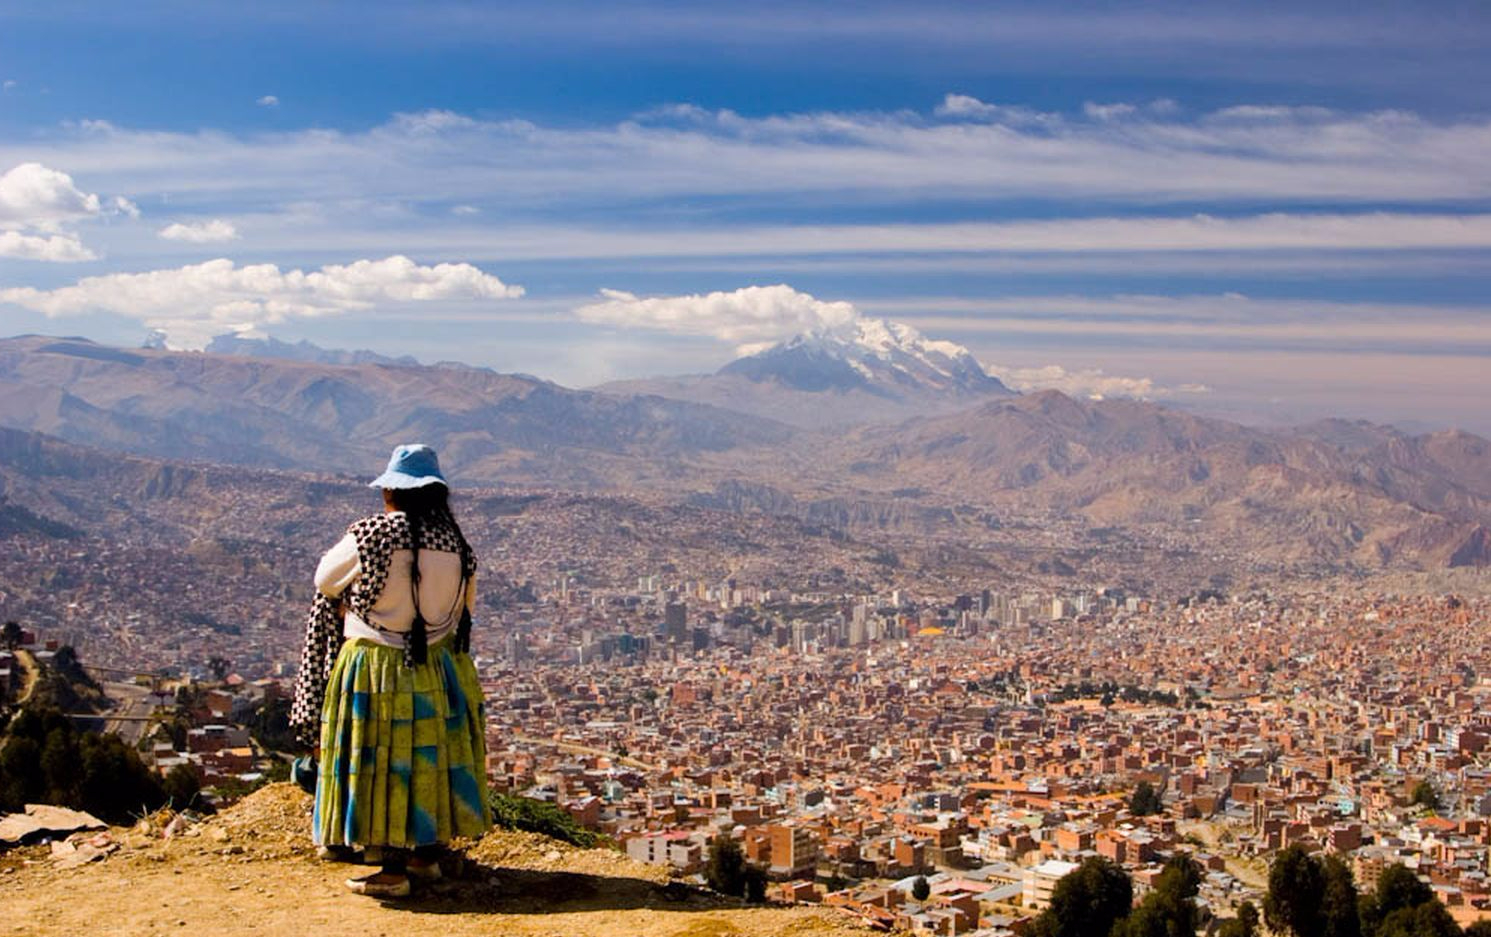 la-paz-bolivia-south-america.jpg